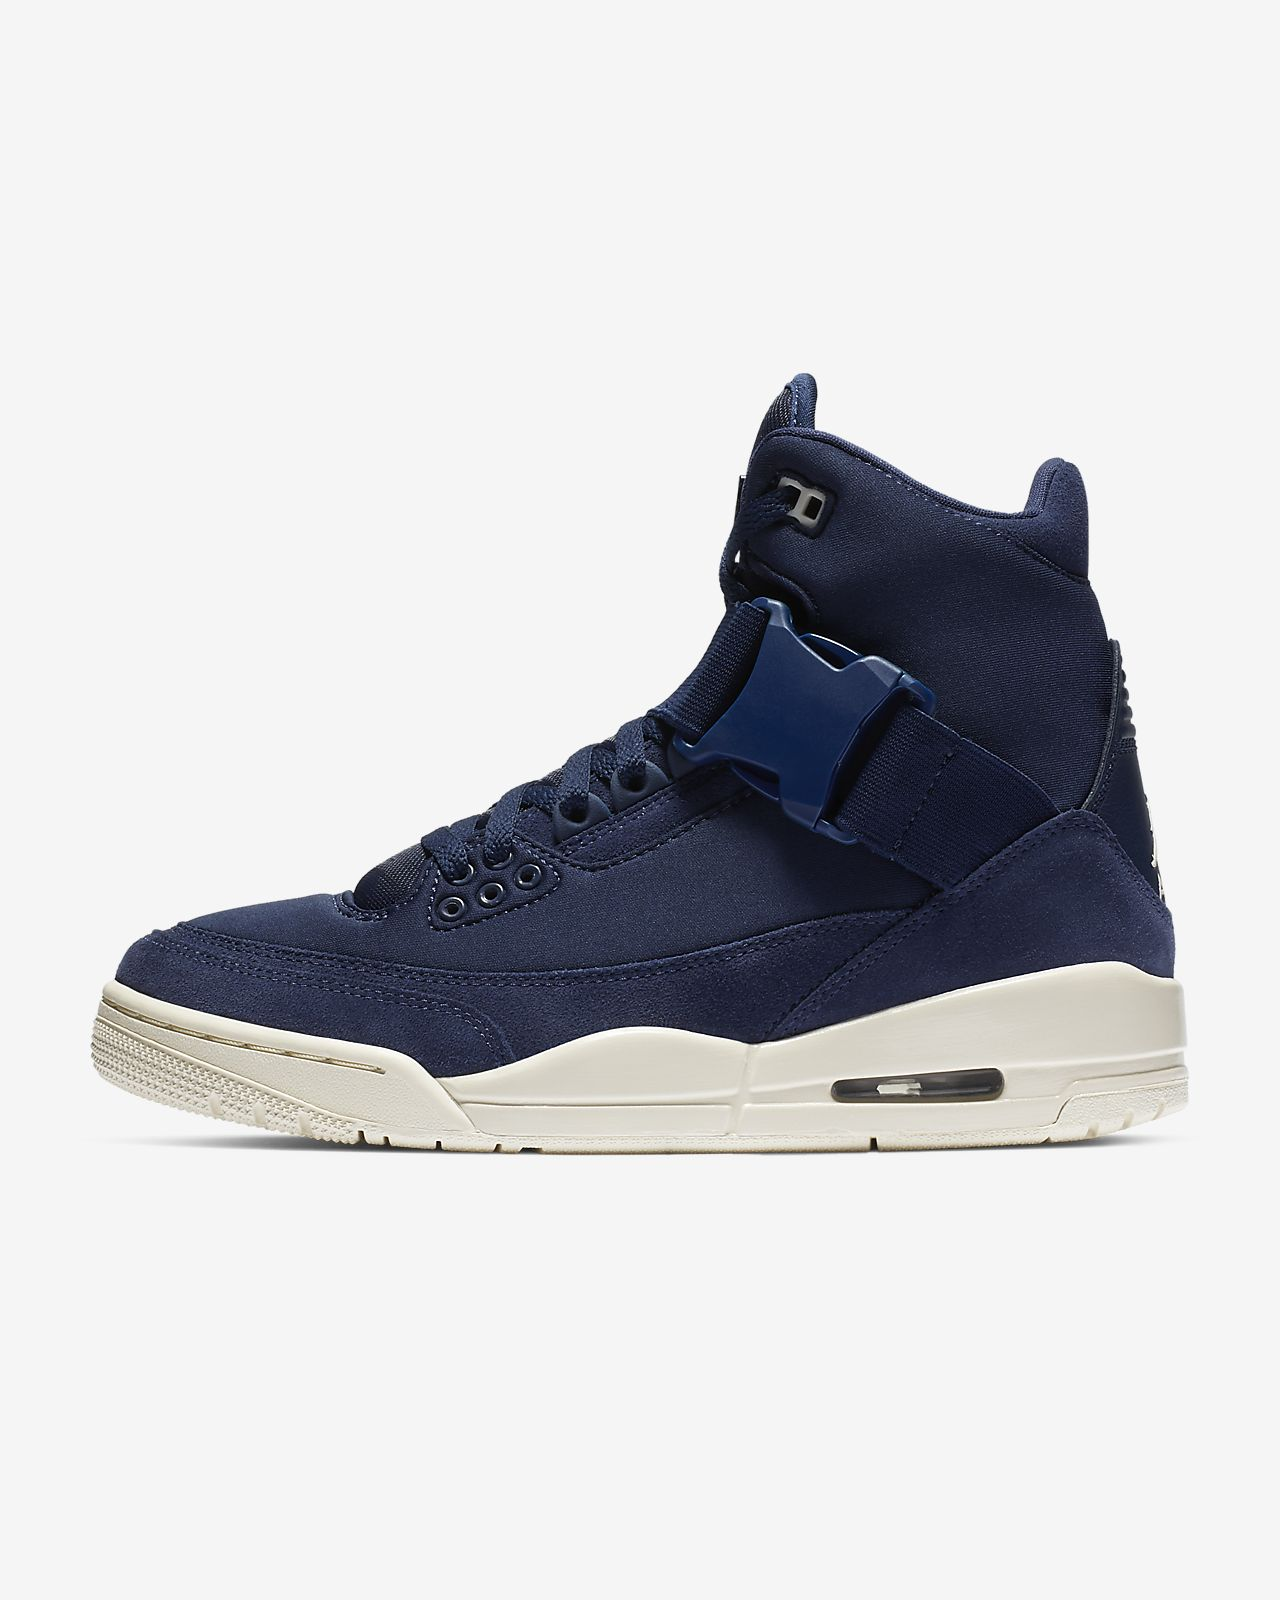 competitive price 74ea0 eb34b ... Chaussure Air Jordan 3 Retro Explorer XX pour Femme